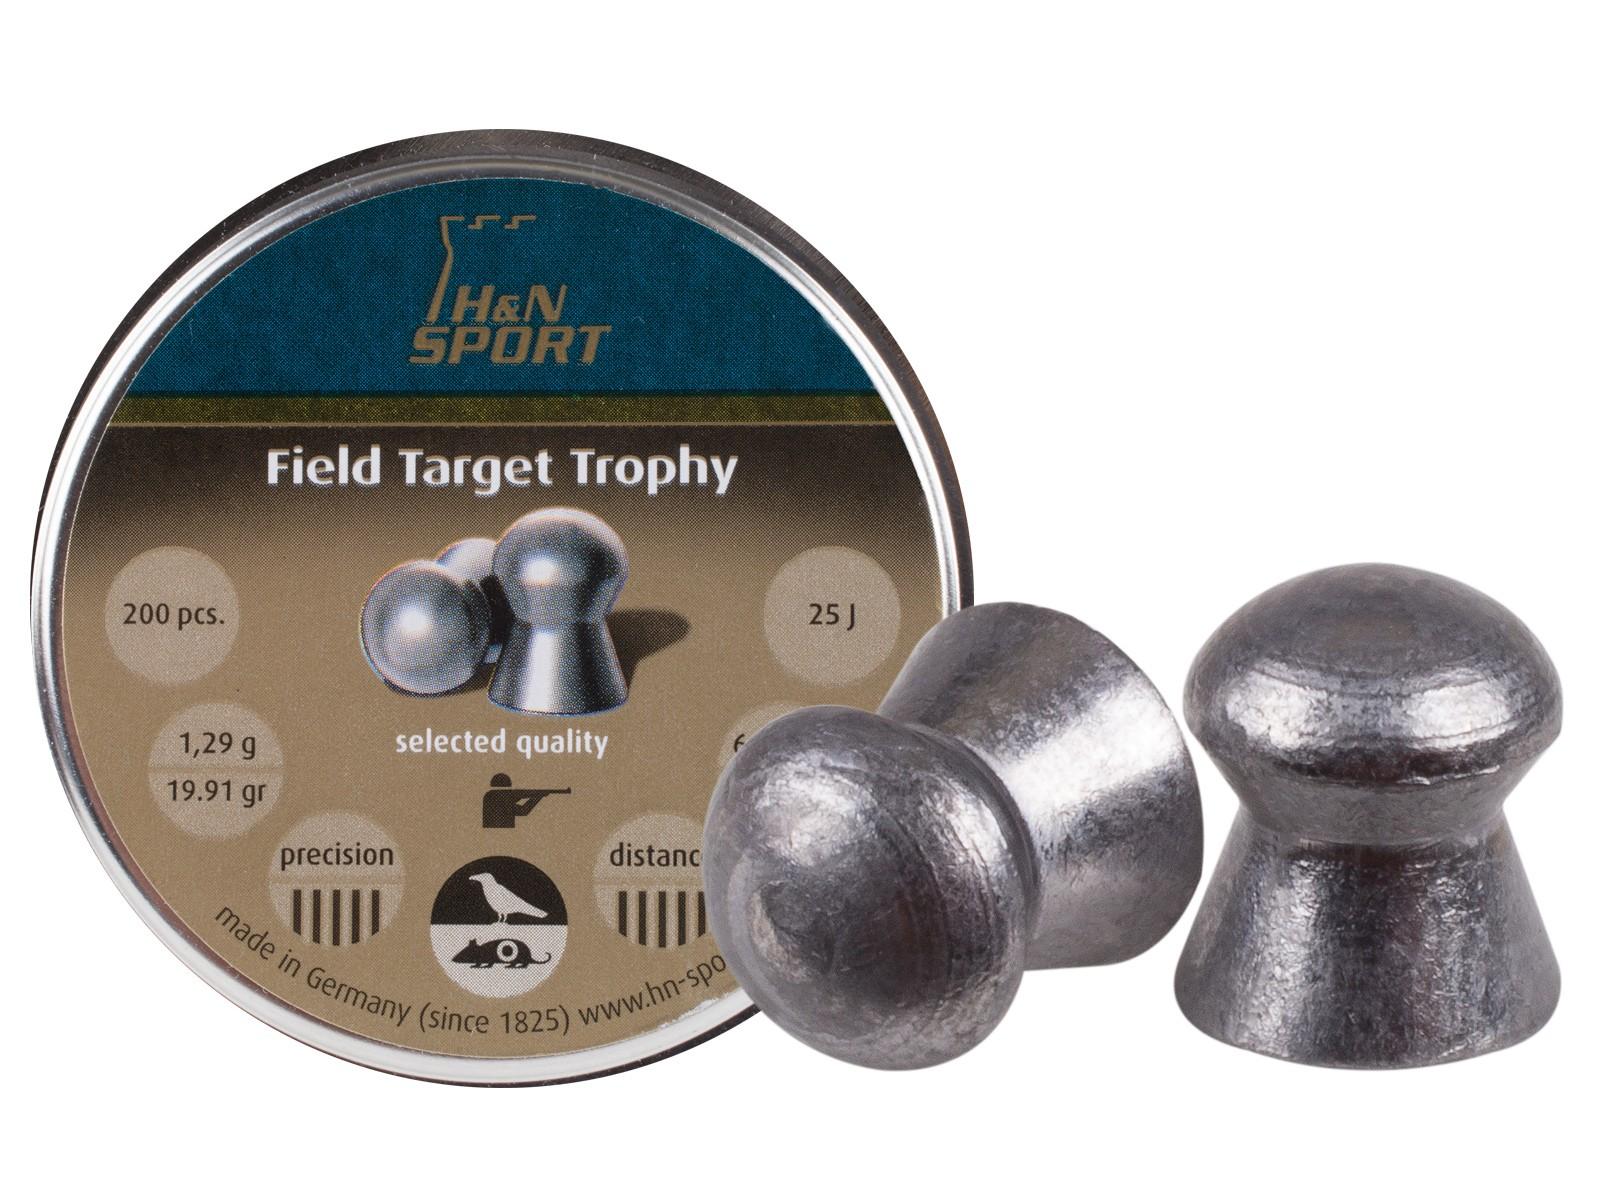 H&N Field Target Trophy .25 Cal, 20.06 Grains, Domed, 200ct